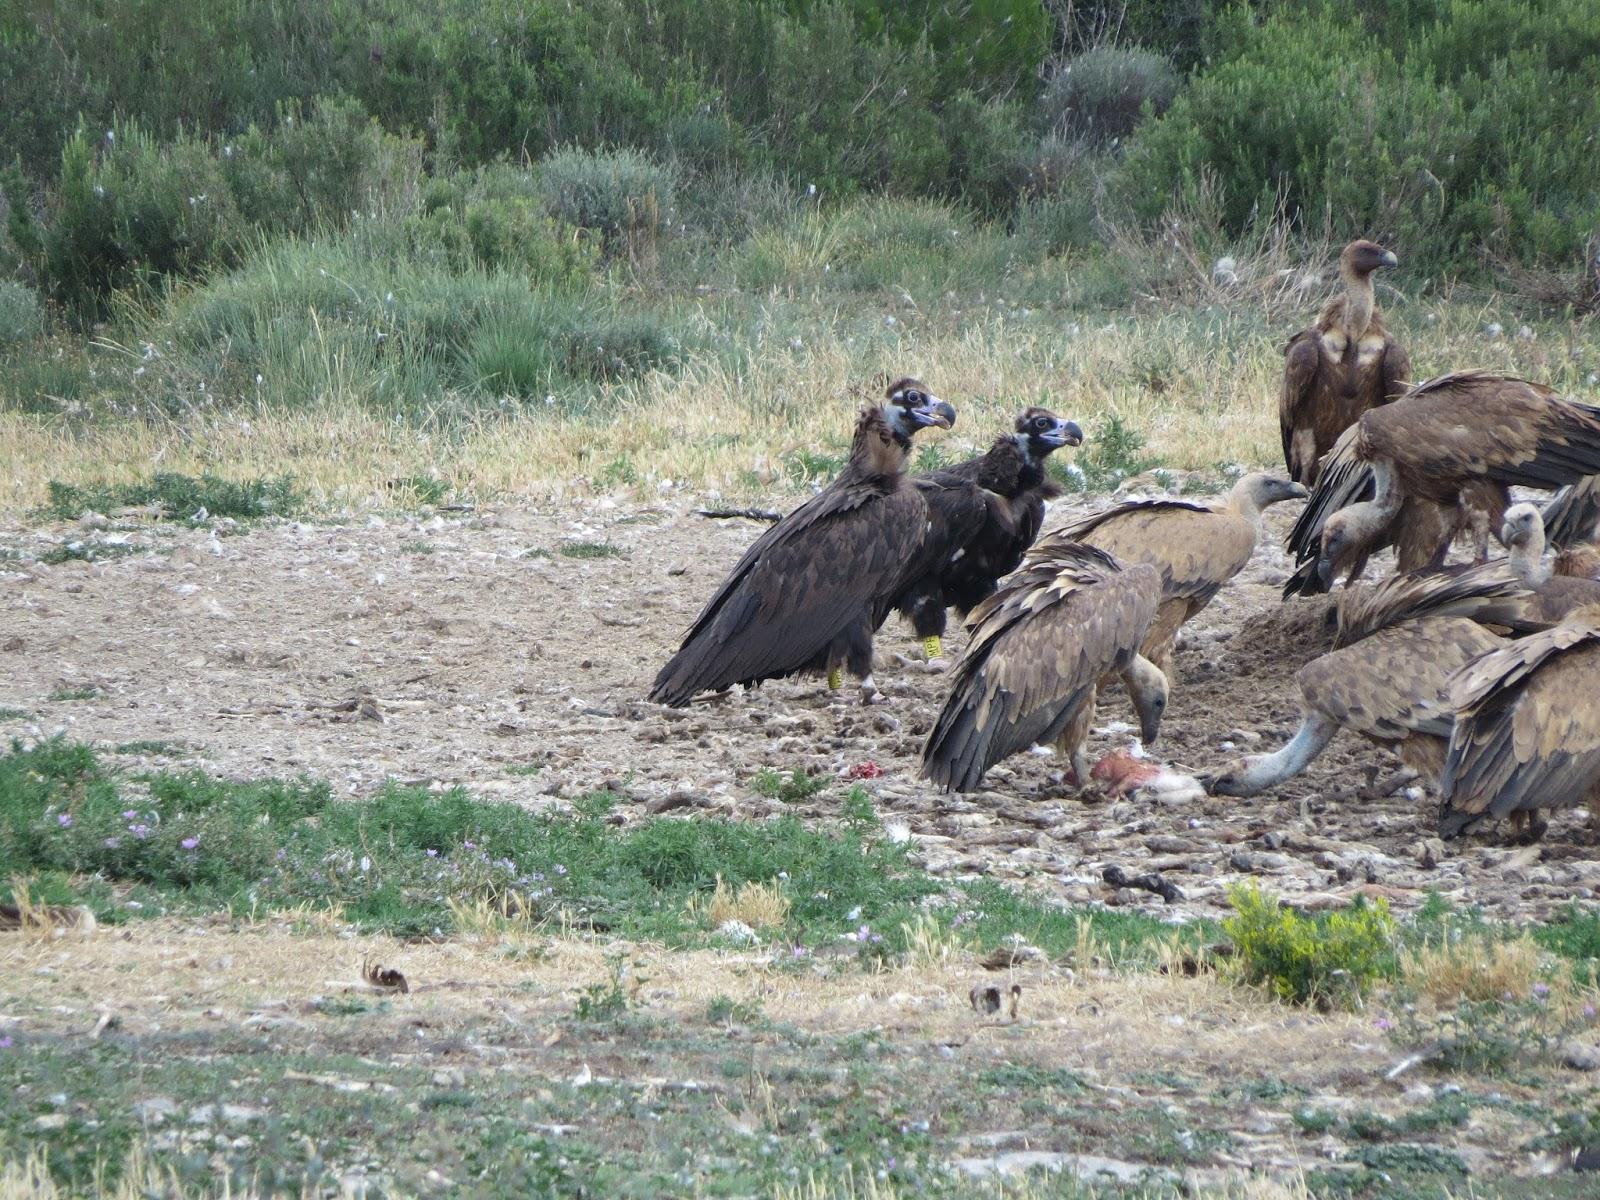 Buitres negros (Aegypius monachus) marcados Comedero de Baélls (Huesca), perteneciente a la red RACAN 25 de junio de 2015 Fotografía: Eloy Alfaro (APNs Gobierno de Aragón)